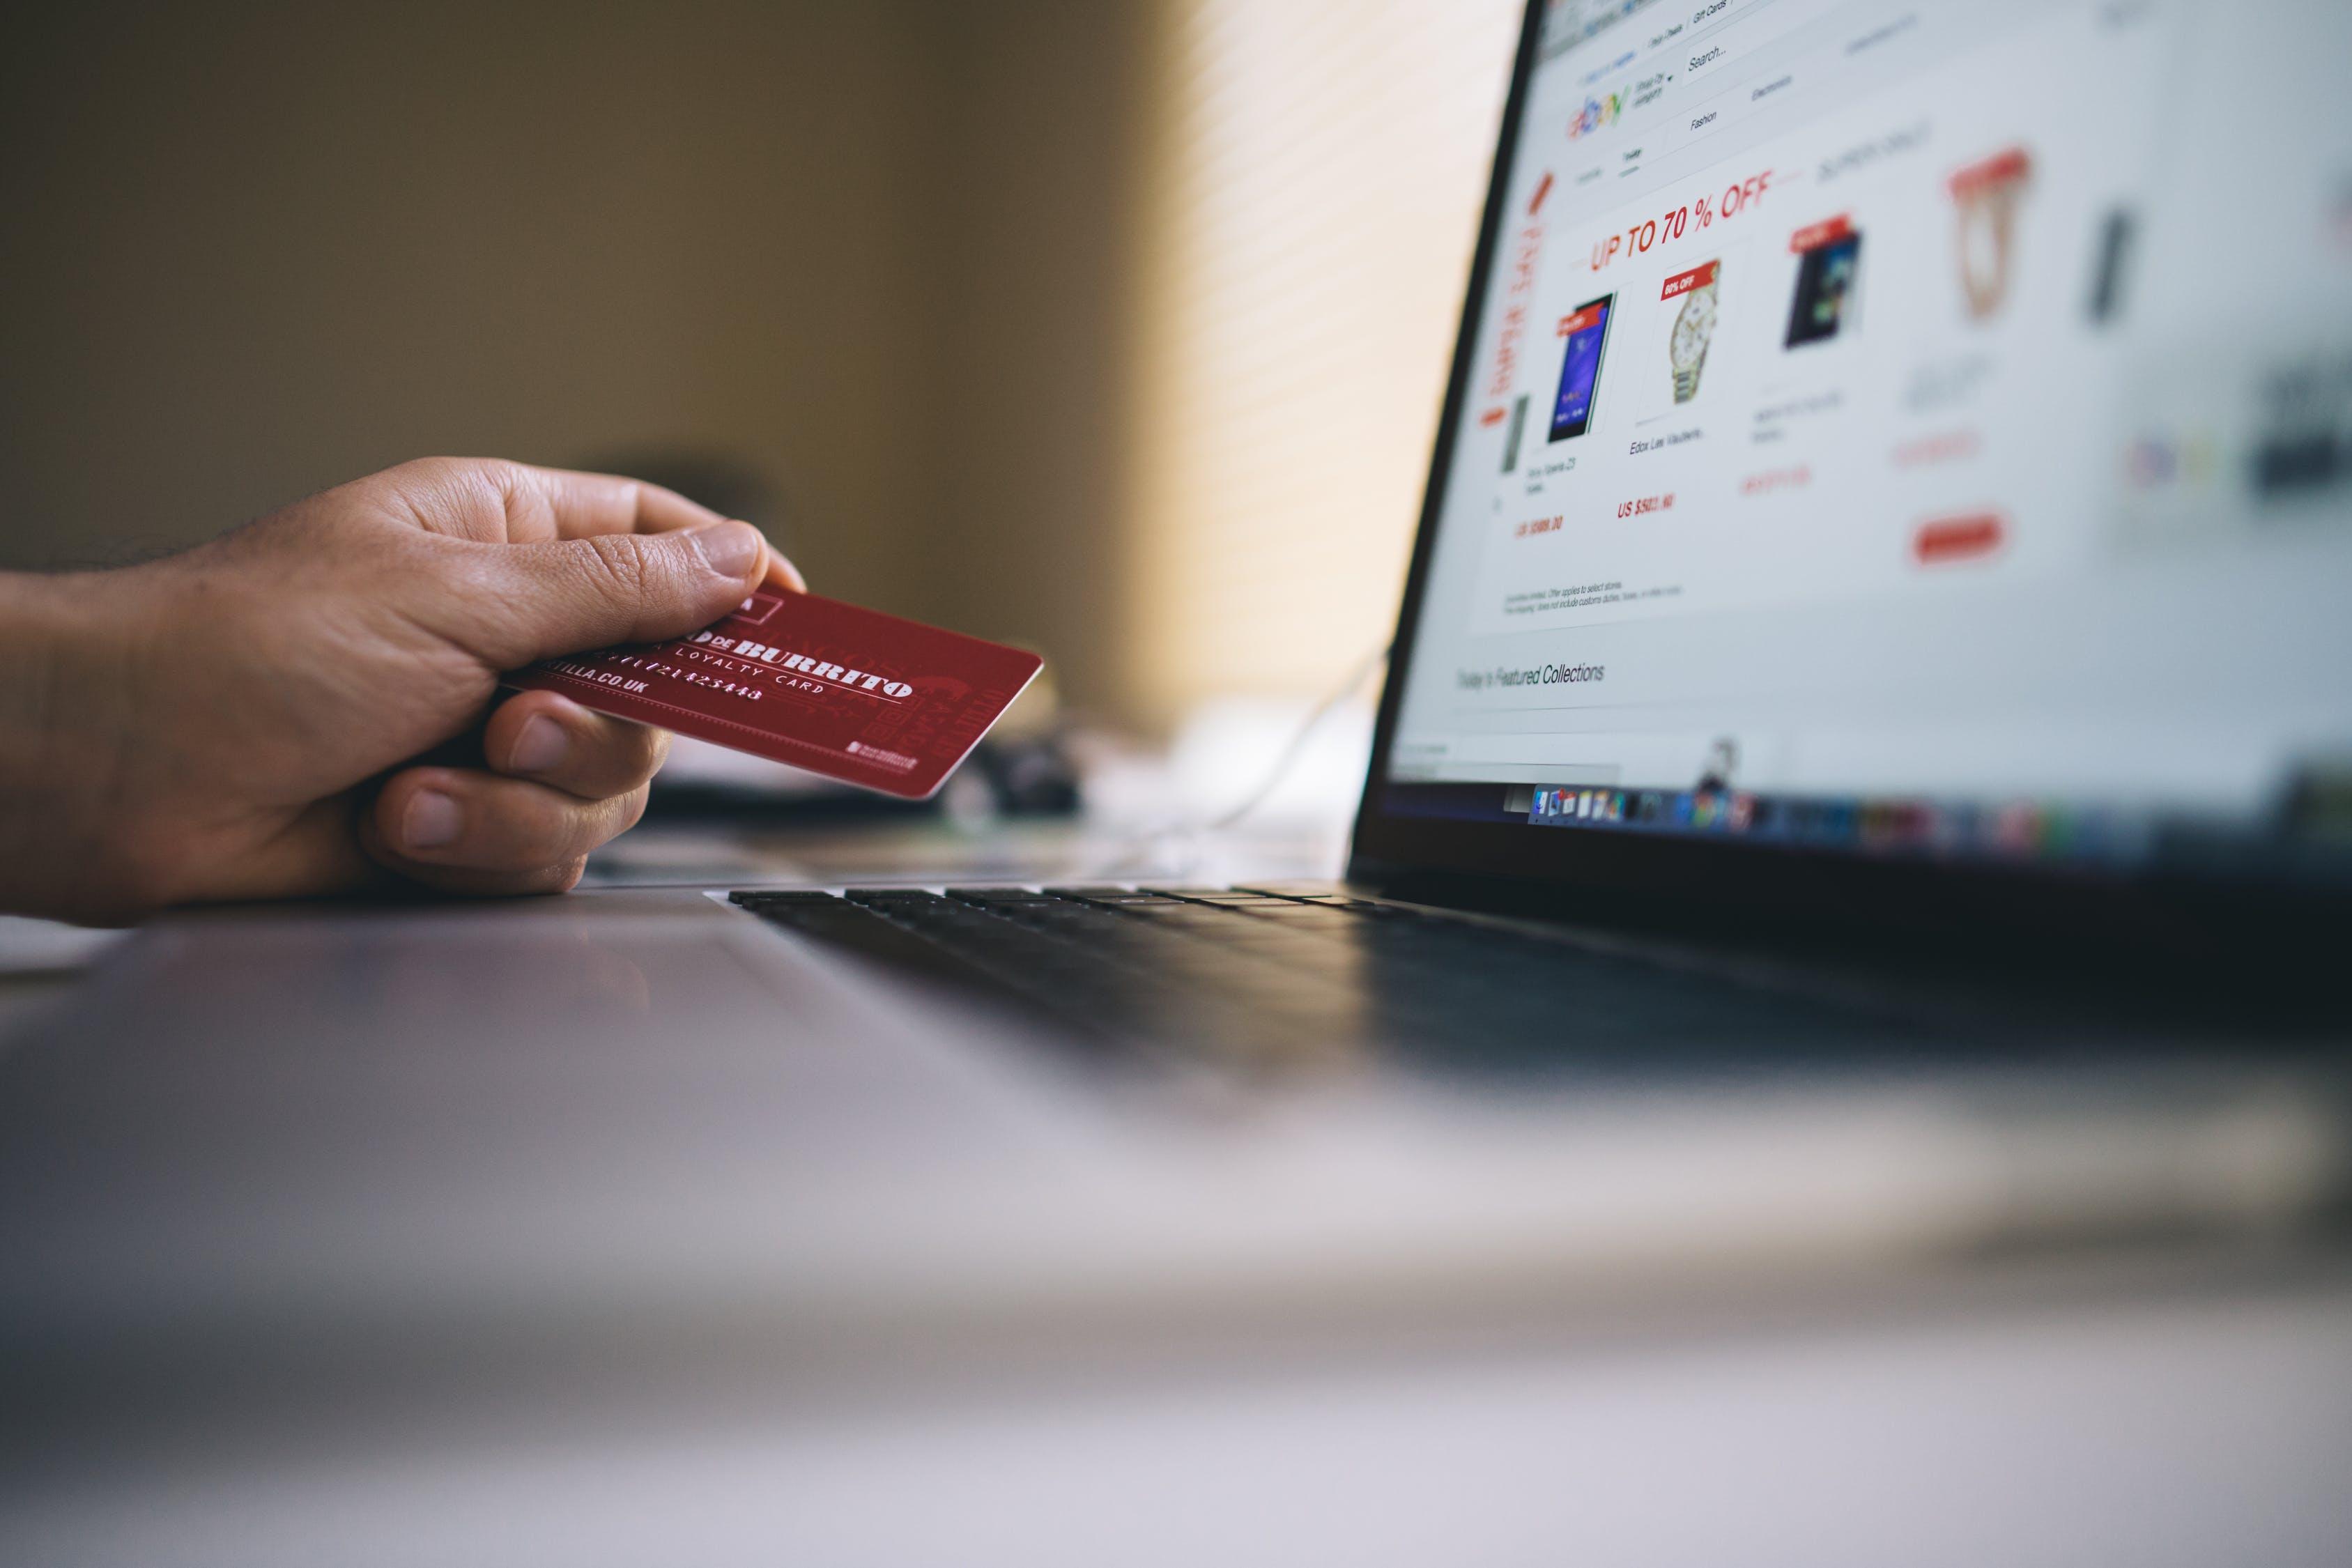 encuesta-que-metodo-de-pago-prefieres-al-hacer-compras-en-linea